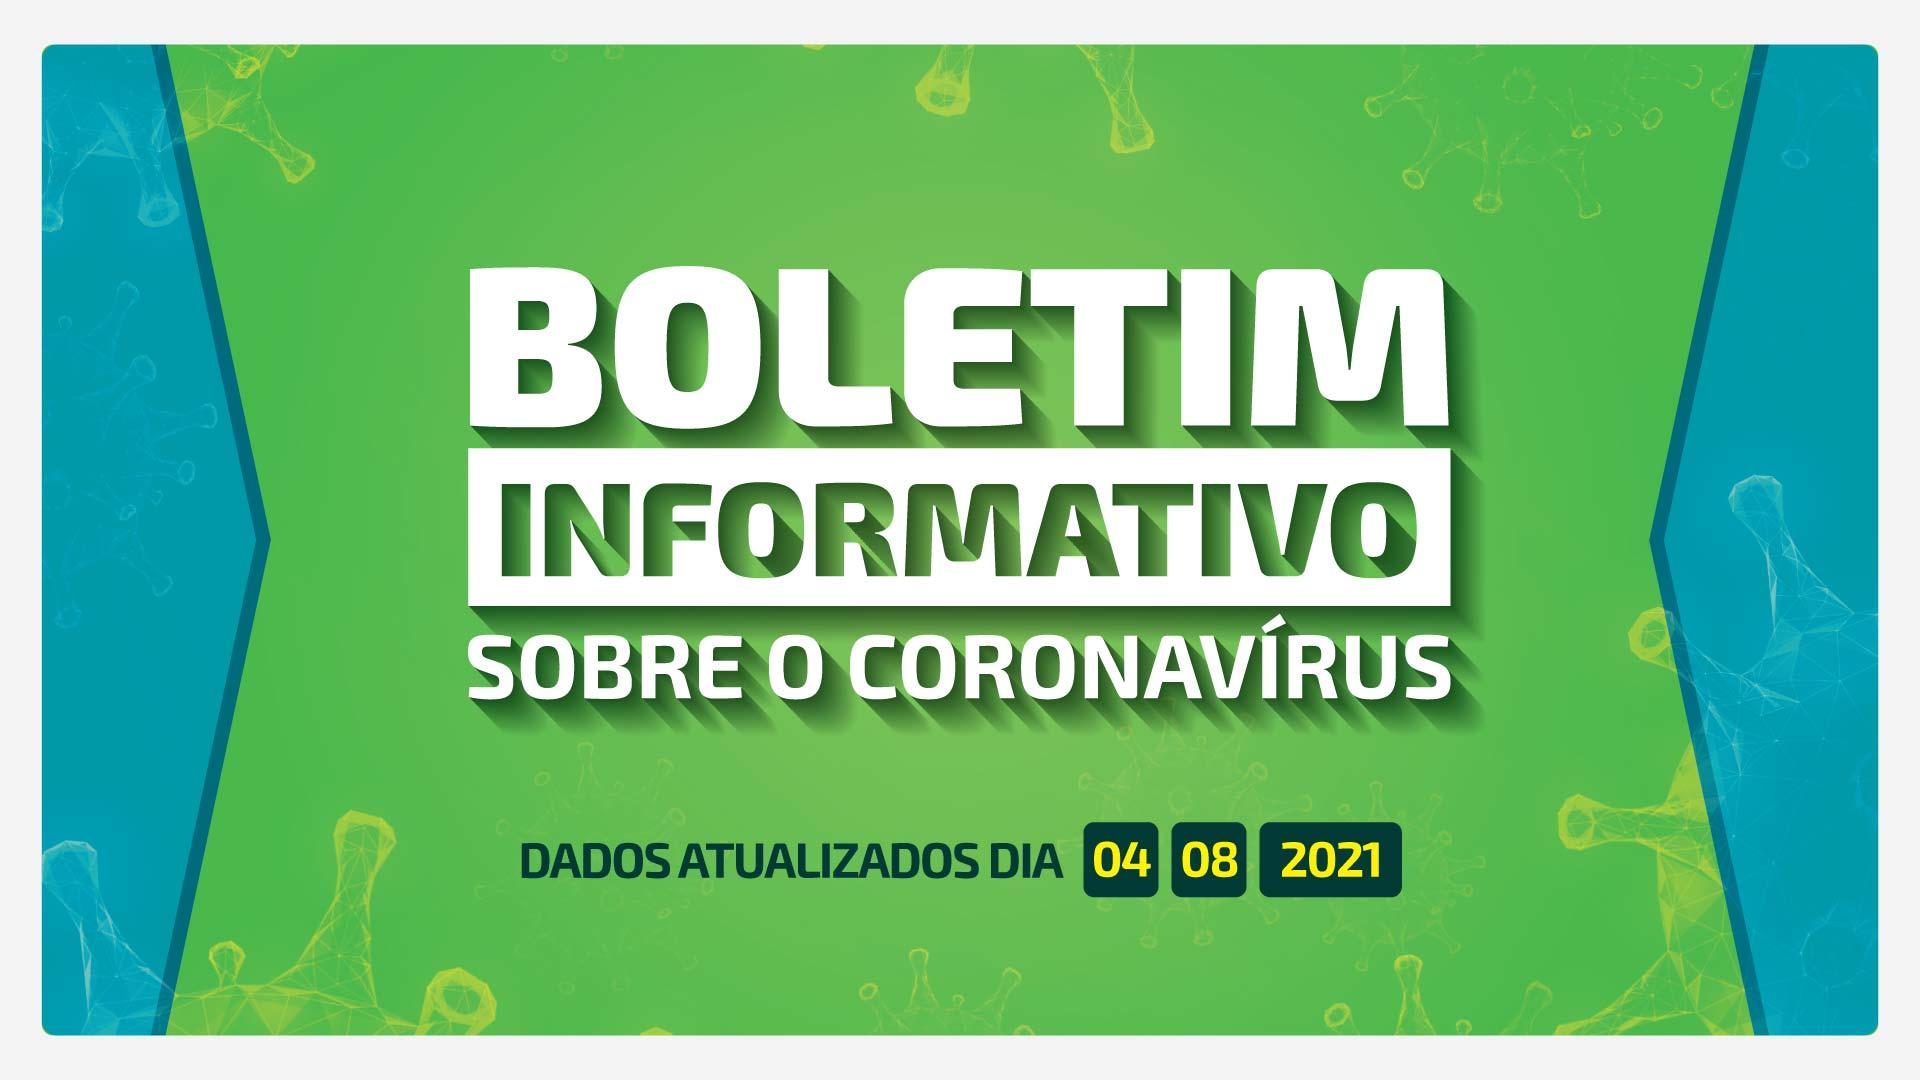 BOLETIM DIÁRIO DA COVID-19